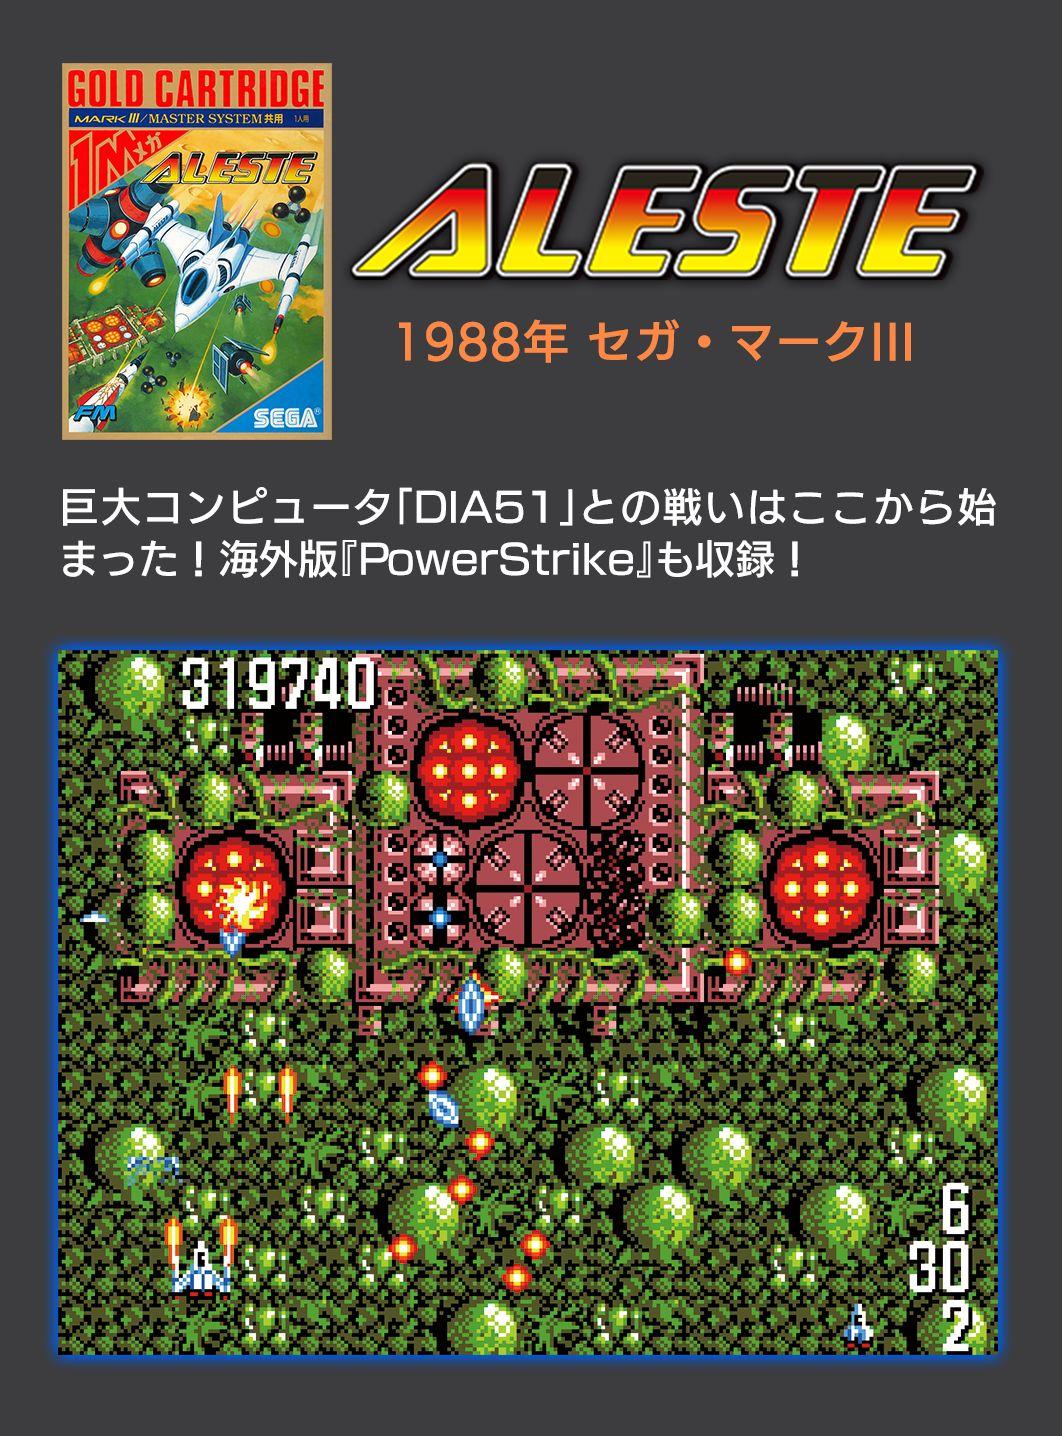 1988年にセガ・マークIII用に発売された「アレスタ(ALESTE)」。巨大コンピュータ「DIA51」との戦いはここから始まった。海外版「PowerStrike」も収録されている